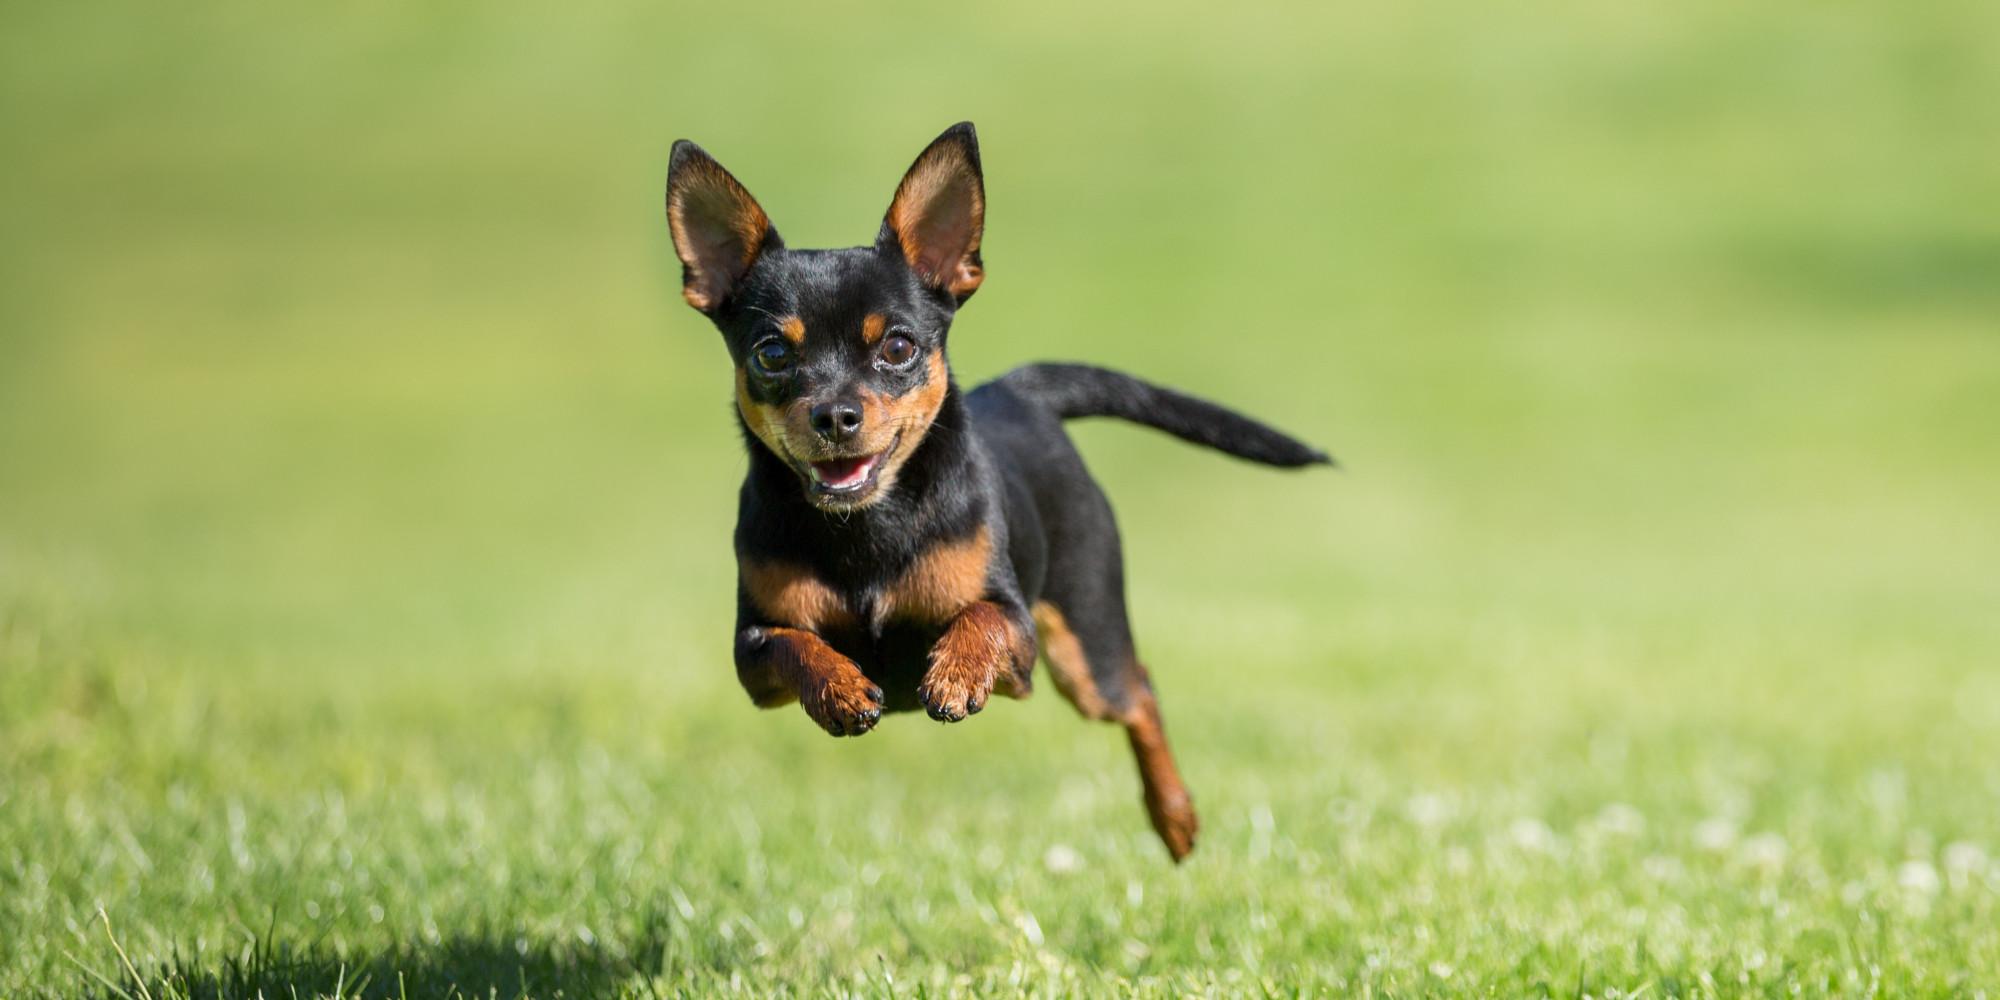 chihuahuas-running.jpg